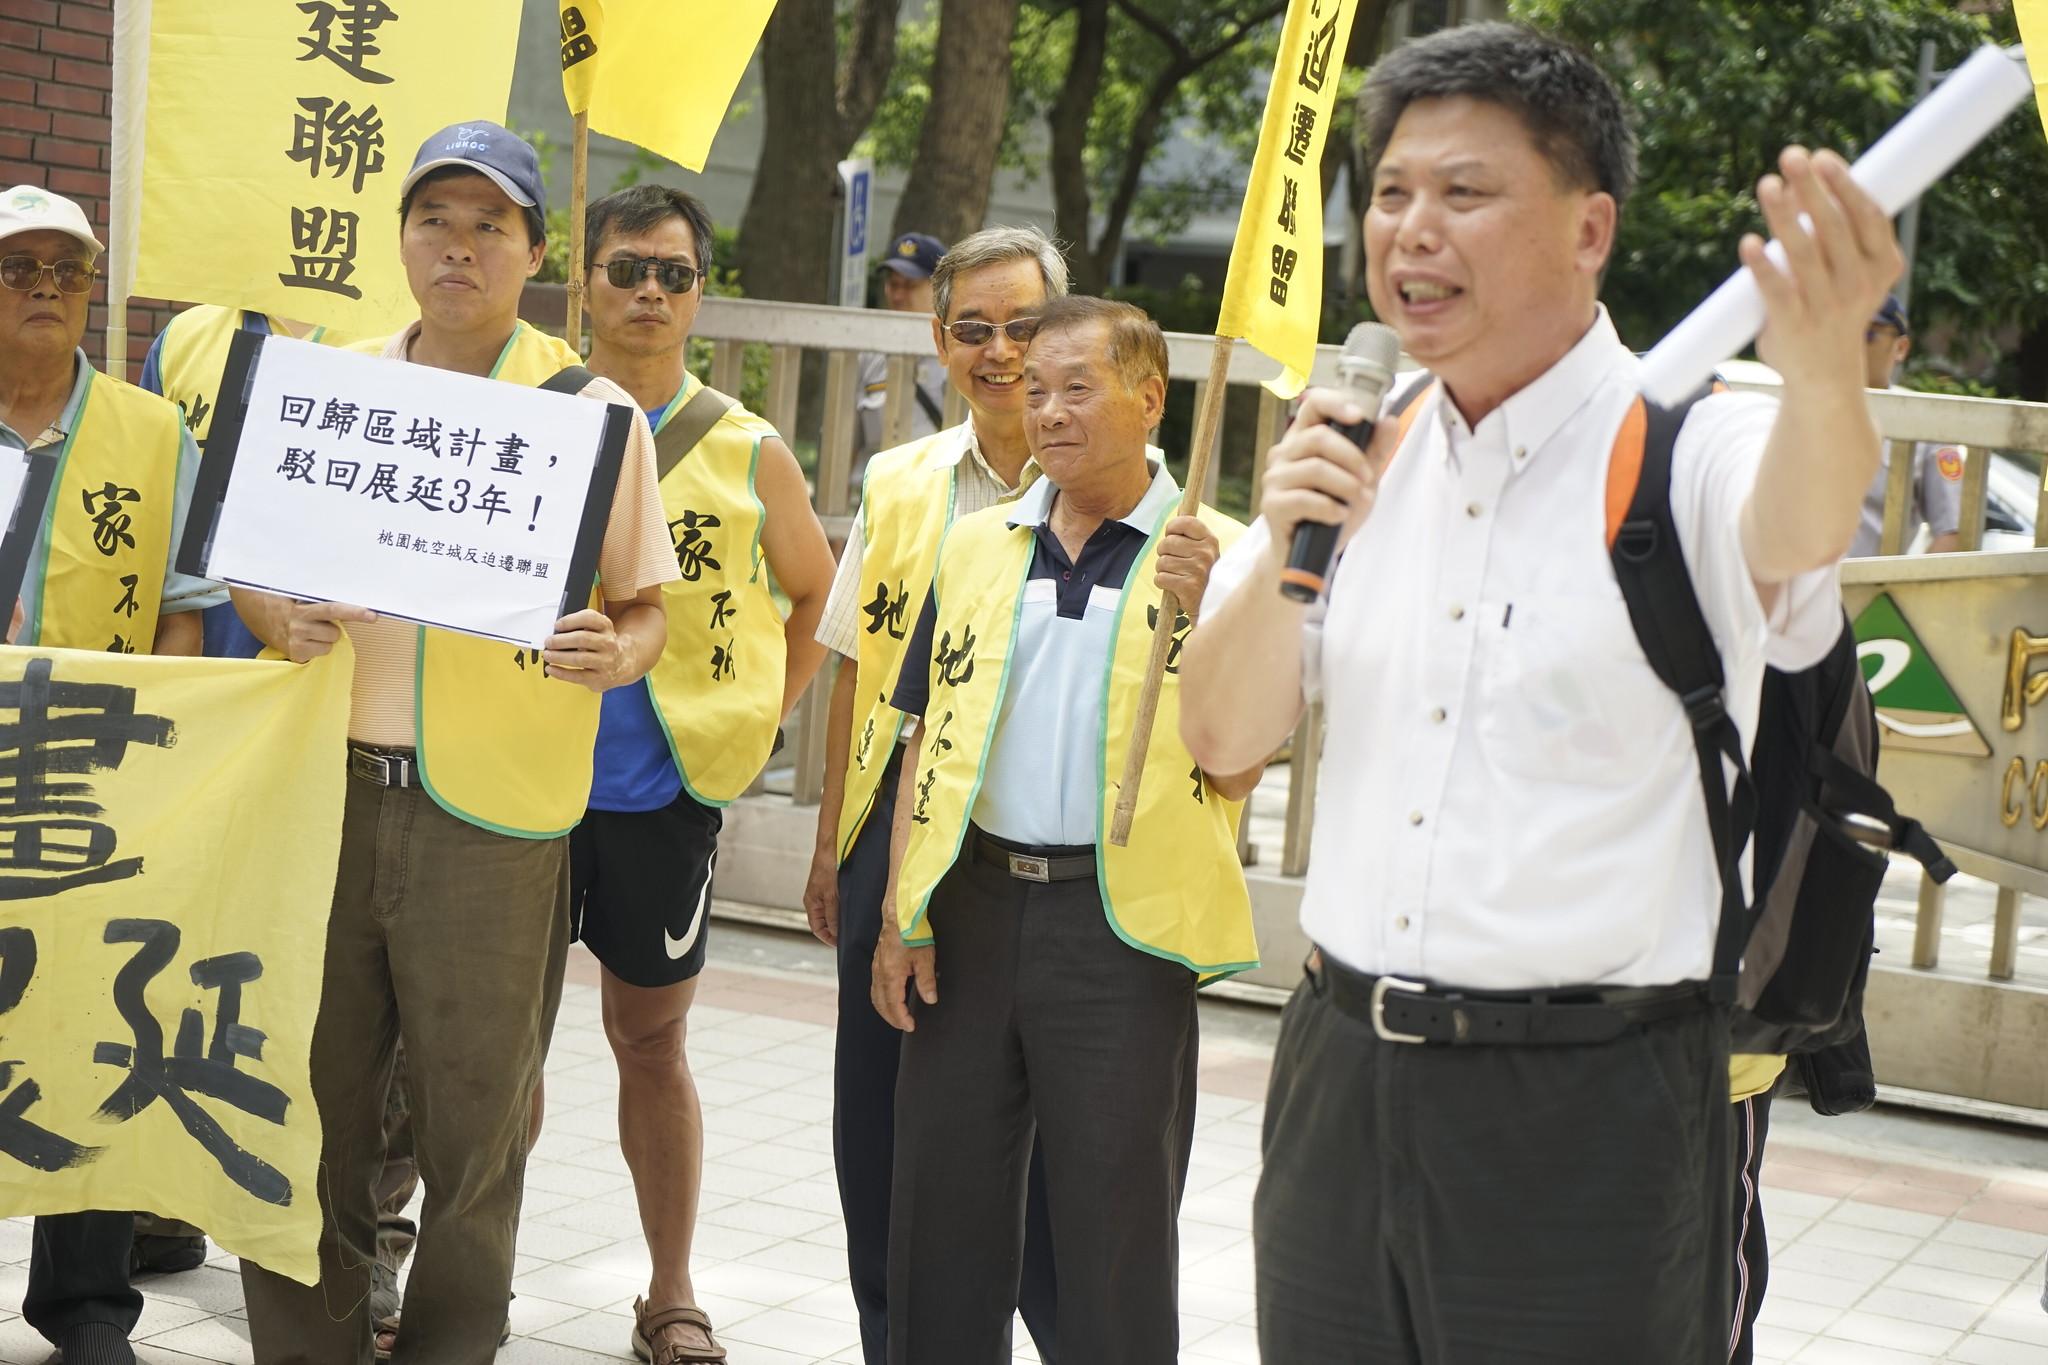 政大地政系教授徐世榮強調,應更根本檢討第三跑道與航空城區域計畫的必要性。(攝影:張宗坤)